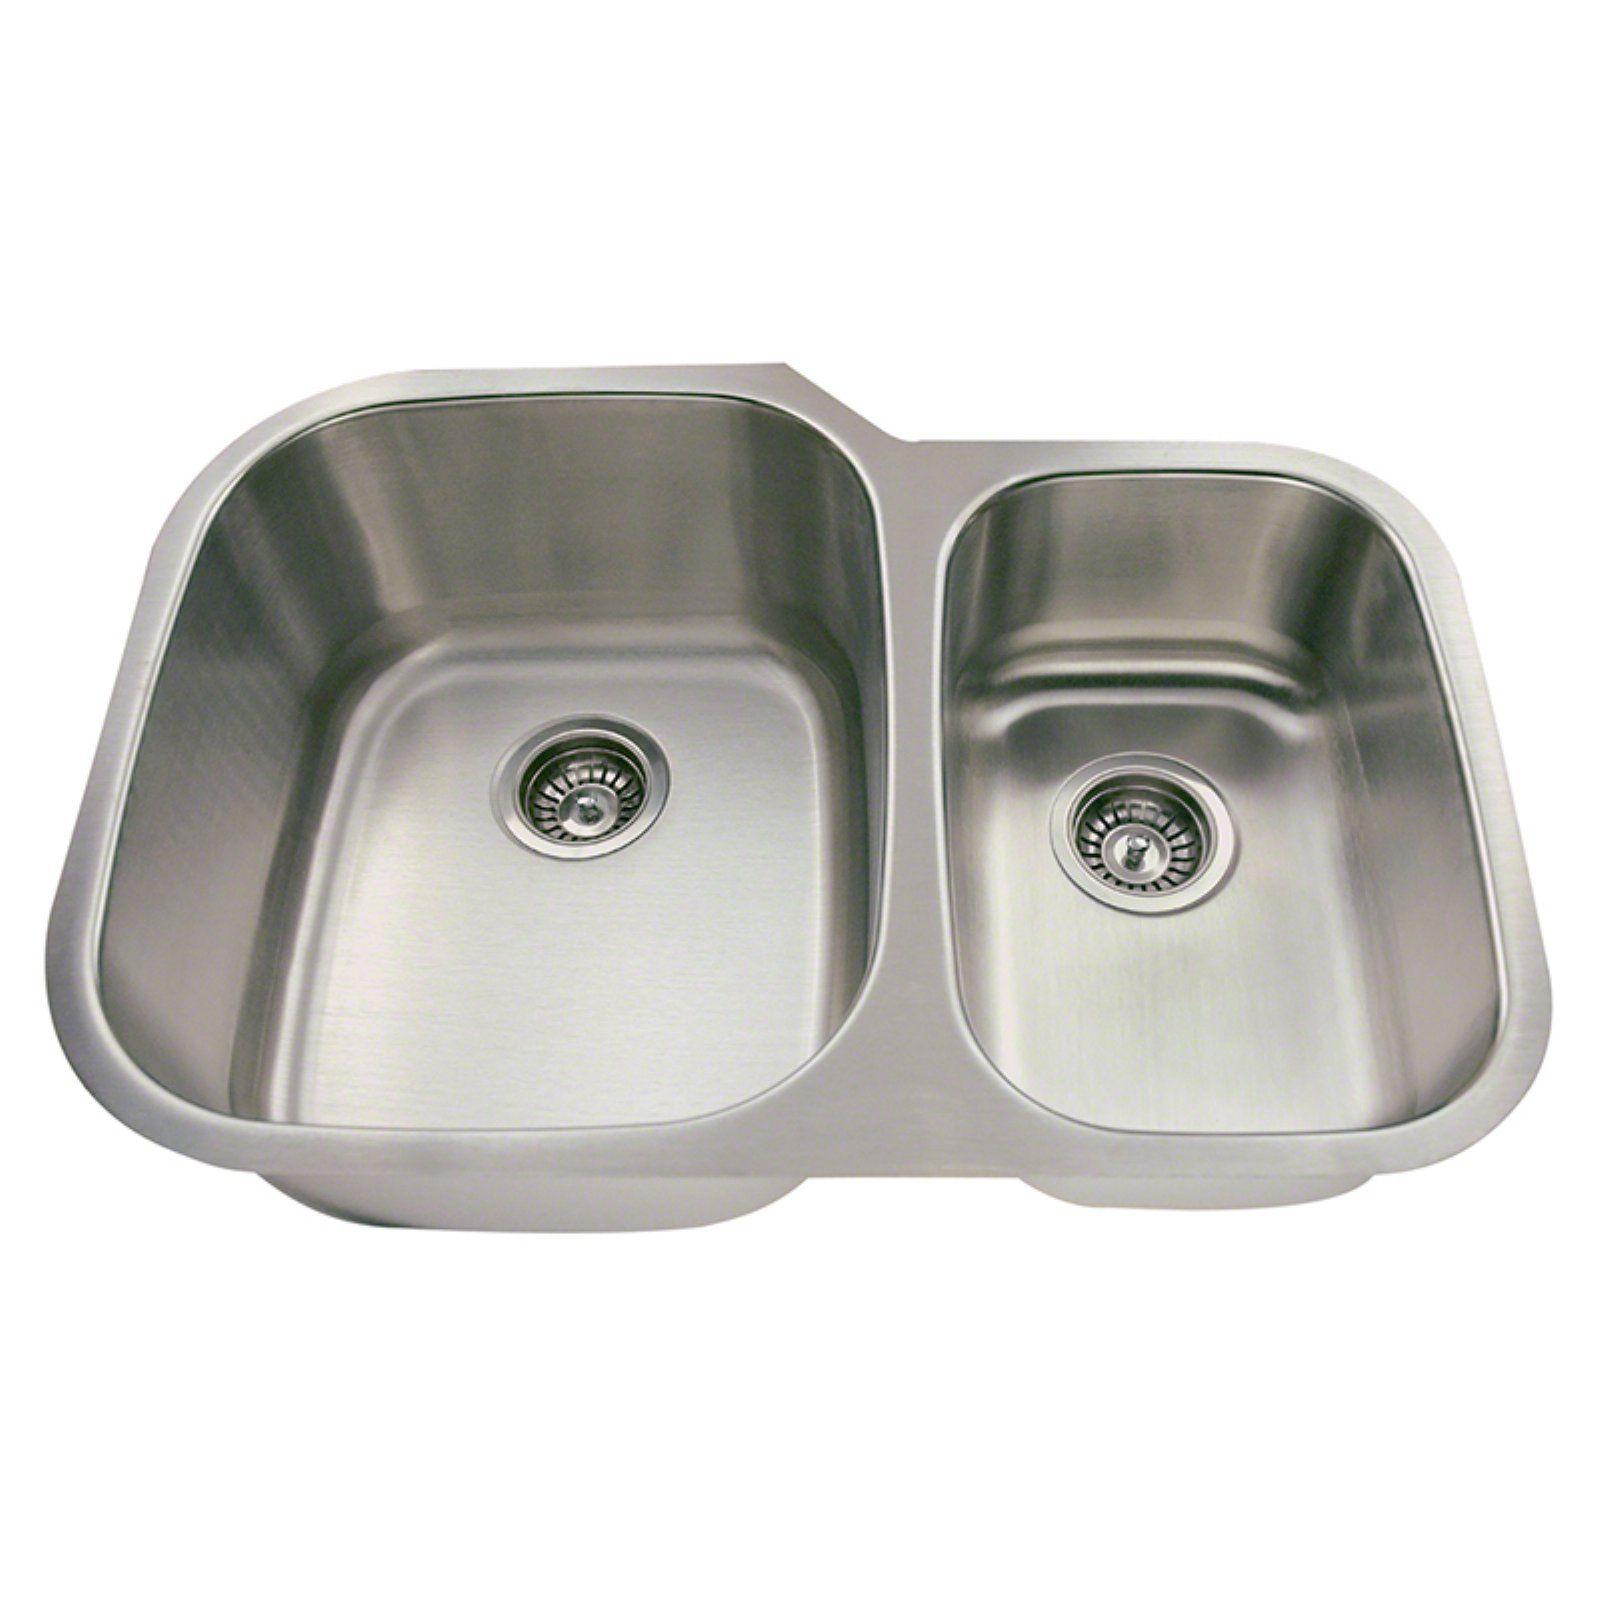 Polaris Sinks Pl605 Double Basin Undermount Kitchen Sink